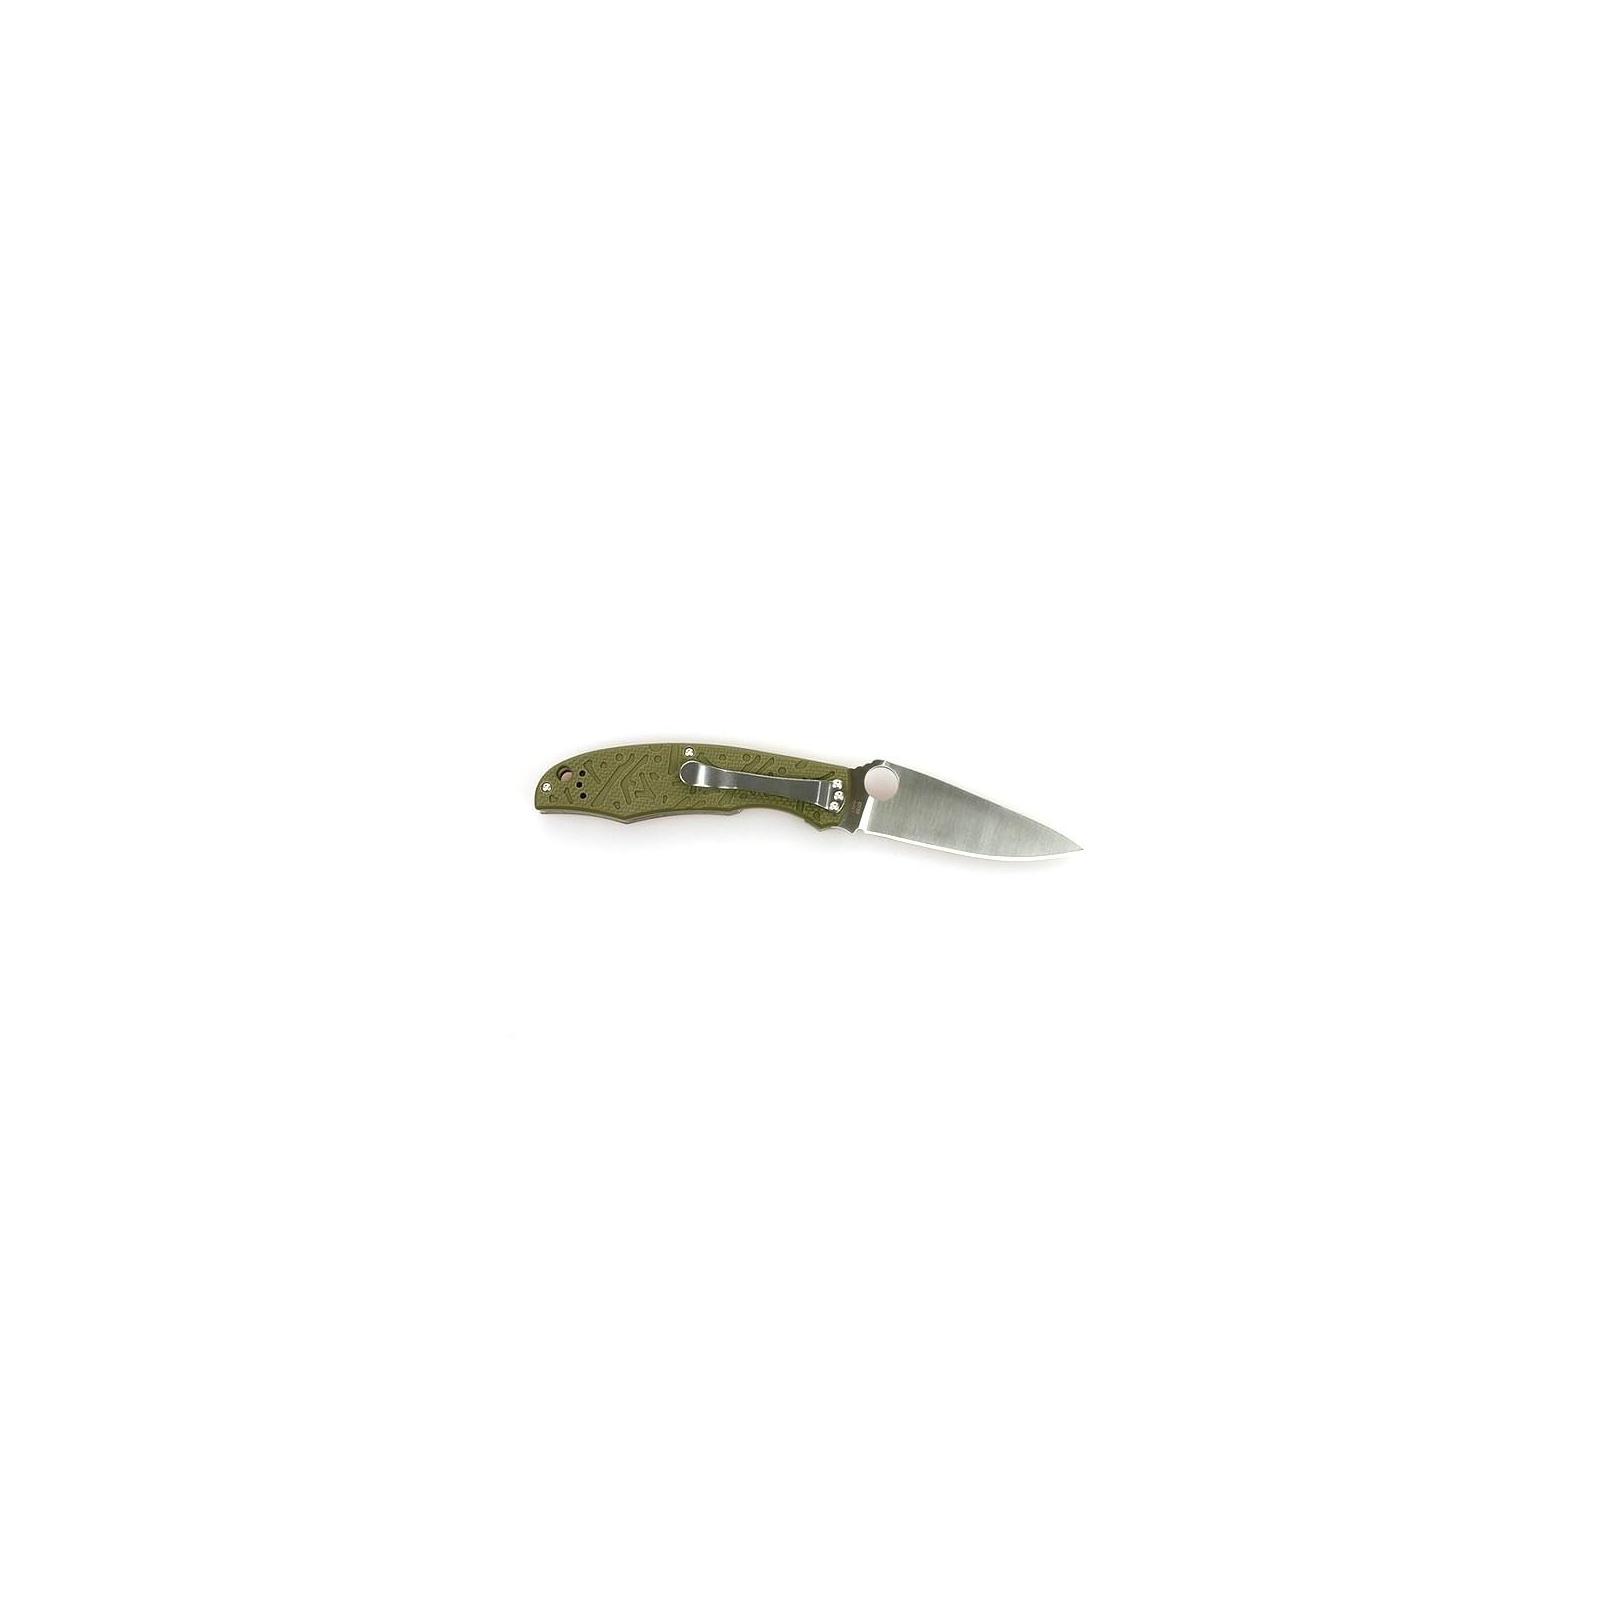 Нож Ganzo G7321-OR оранжевый (G7321-OR) изображение 2